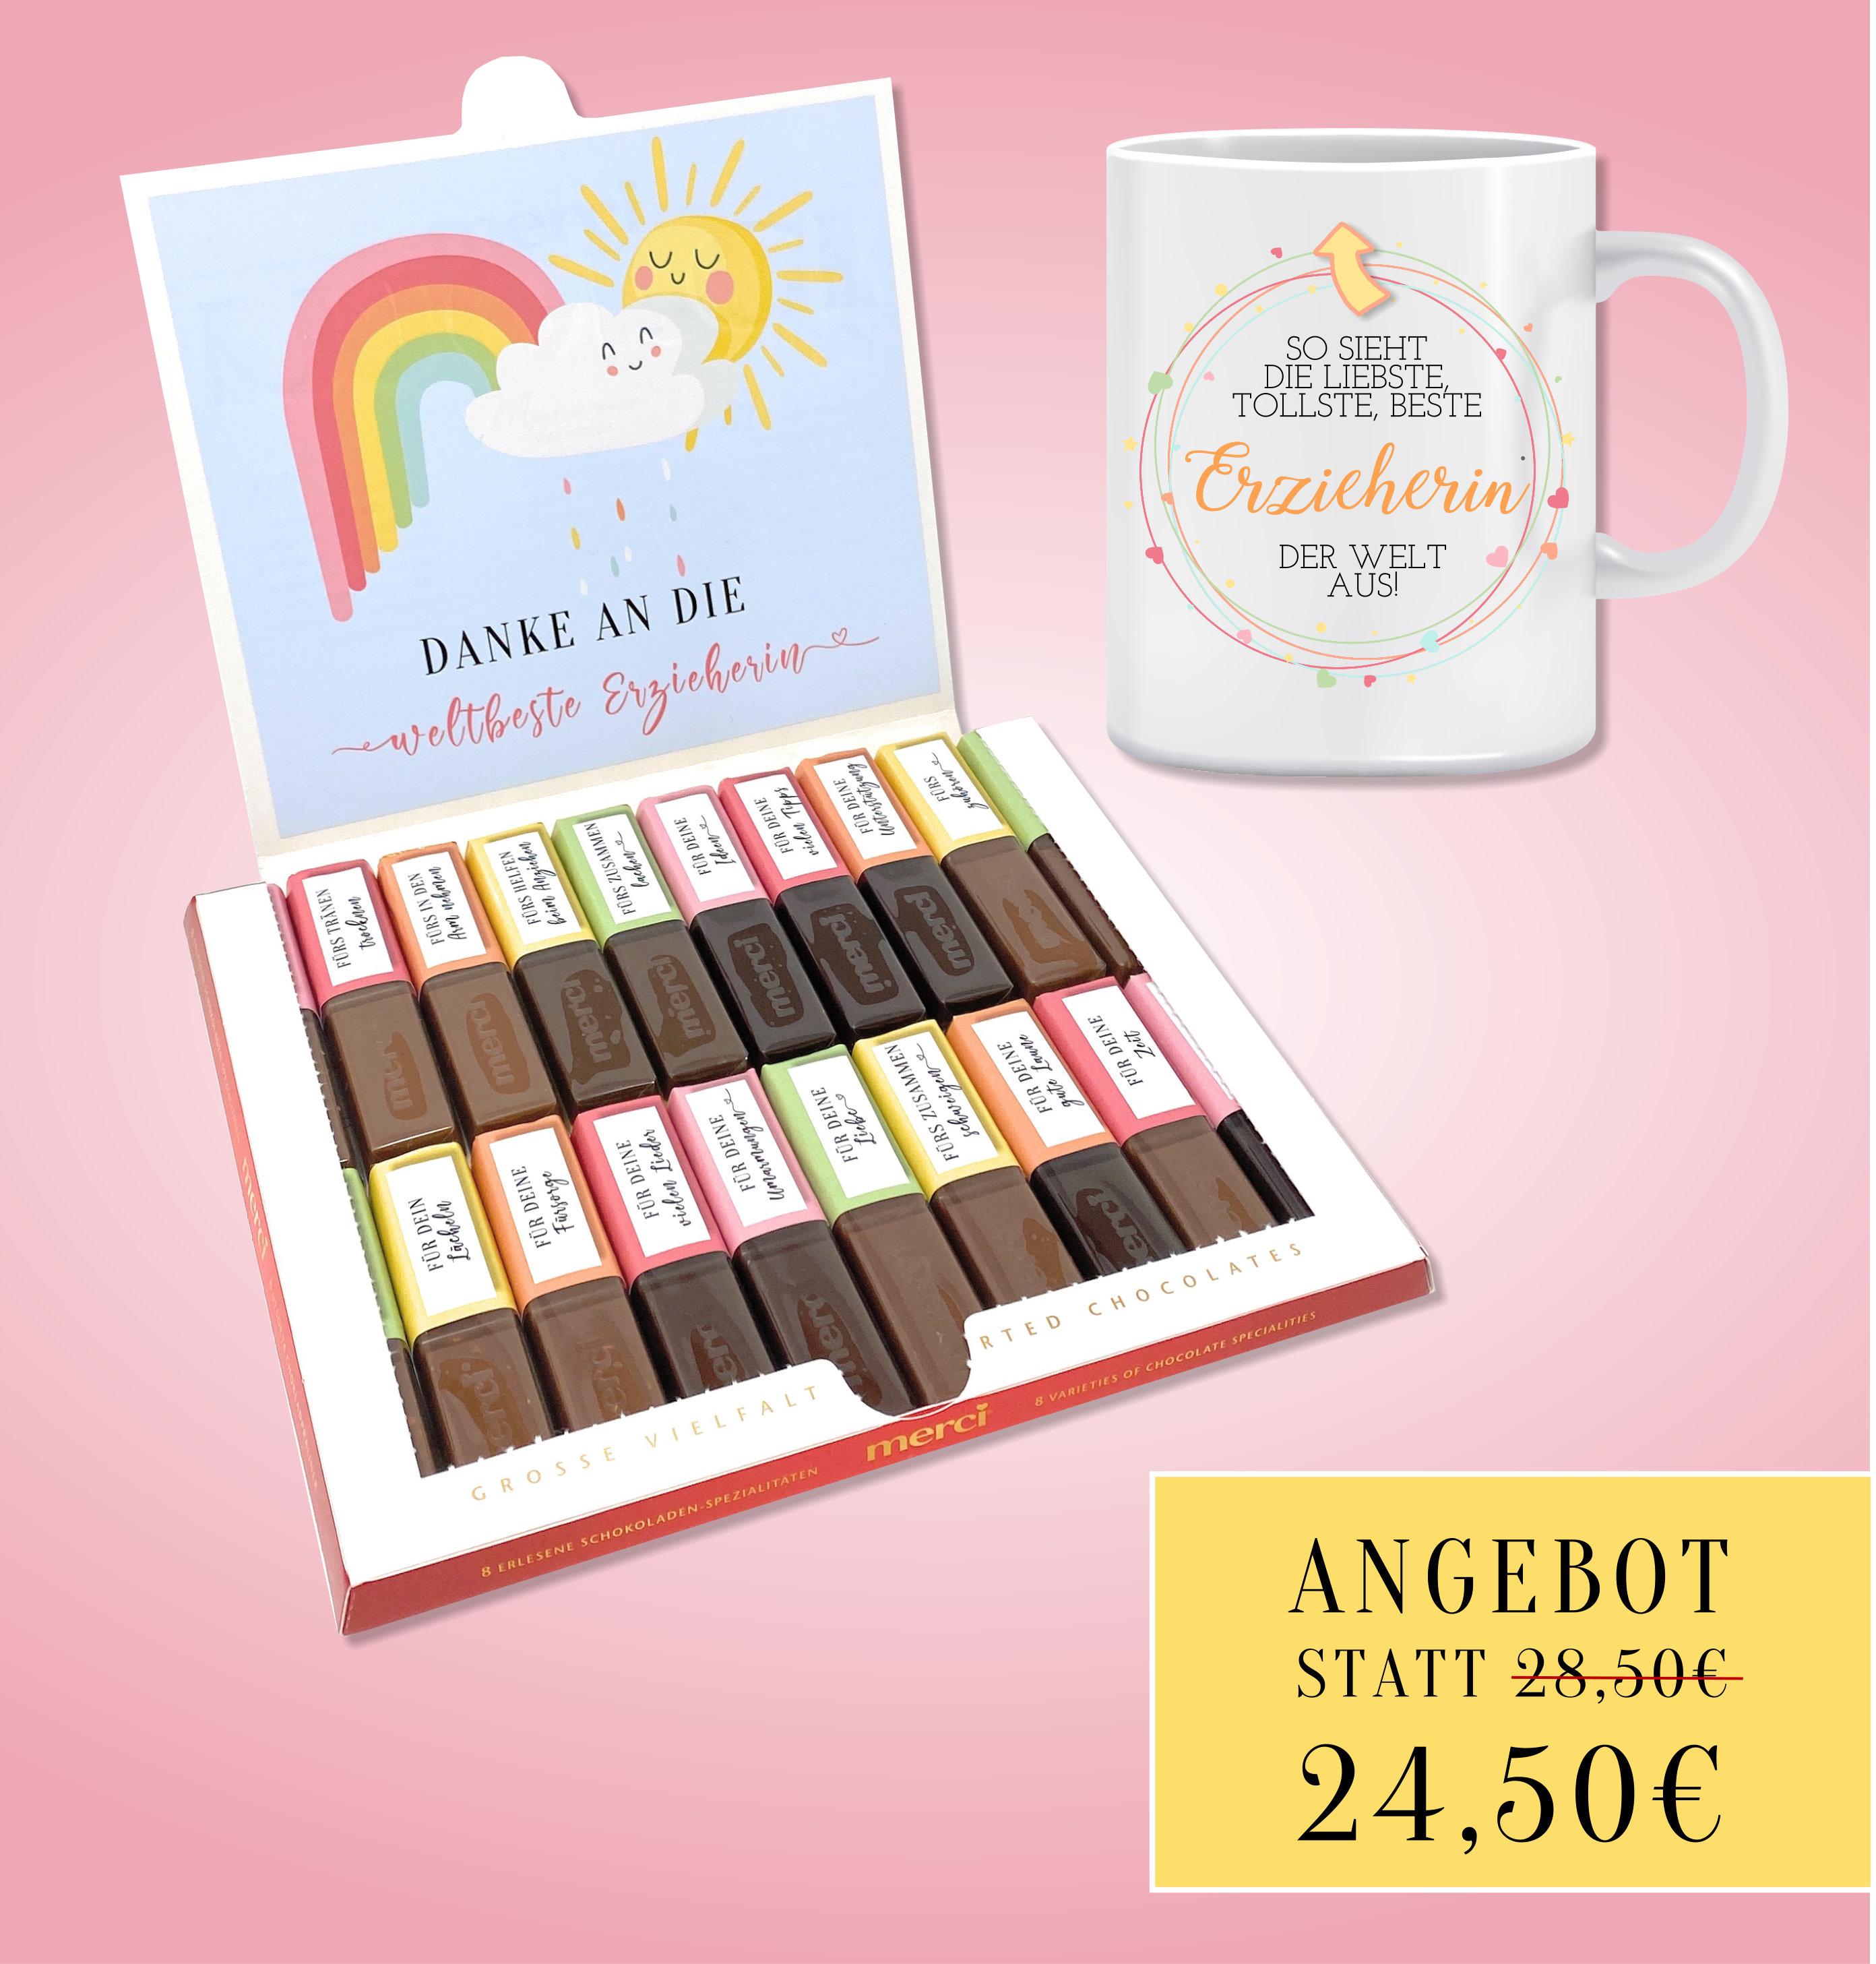 Aufkleber Set Fur Merci Schokolade Personliches Geschenk Fur Die Erzieherin Weddingtree